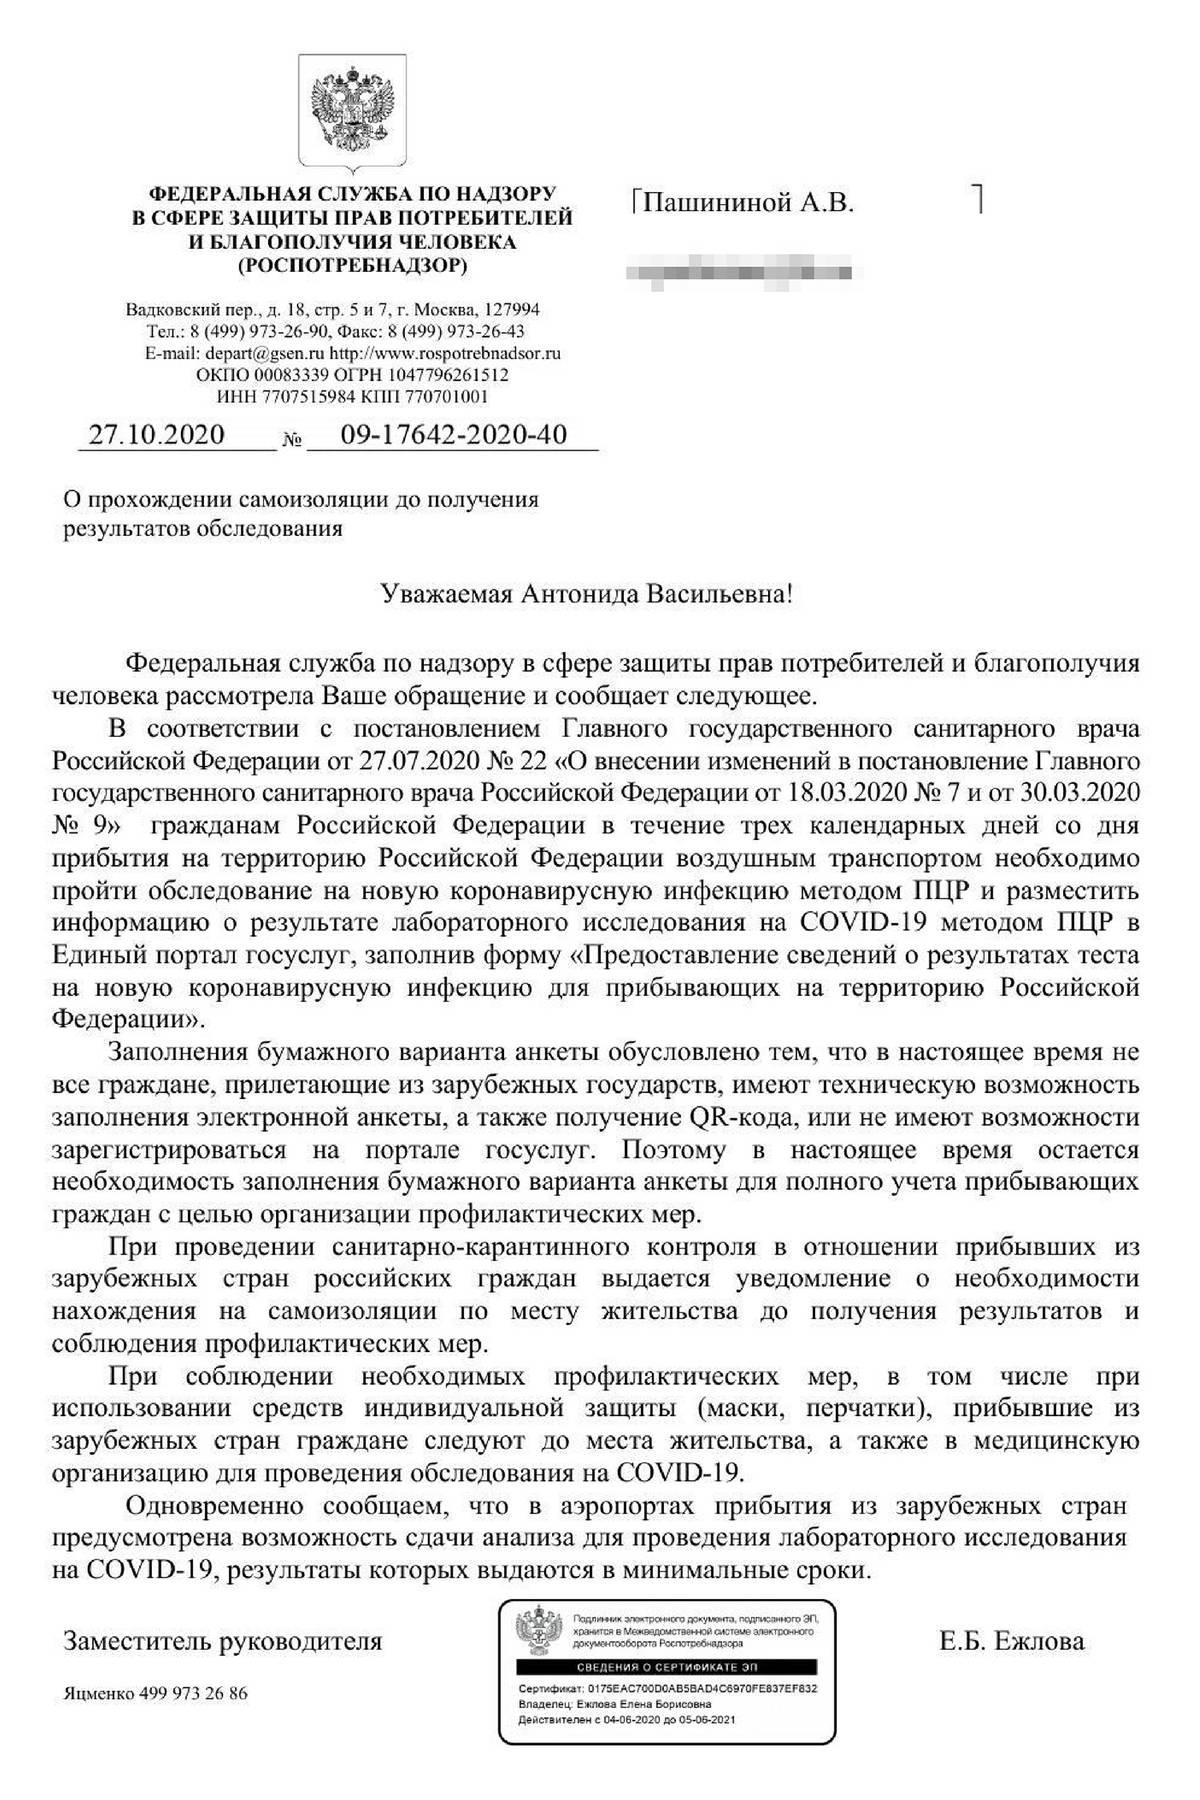 В прошлом году в ответ на запрос редактора Т—Ж Роспотребнадзор сообщил, что россияне могут посещать лабораторию для сдачи теста после возвращения из-за рубежа. Но требовал носить маски и перчатки